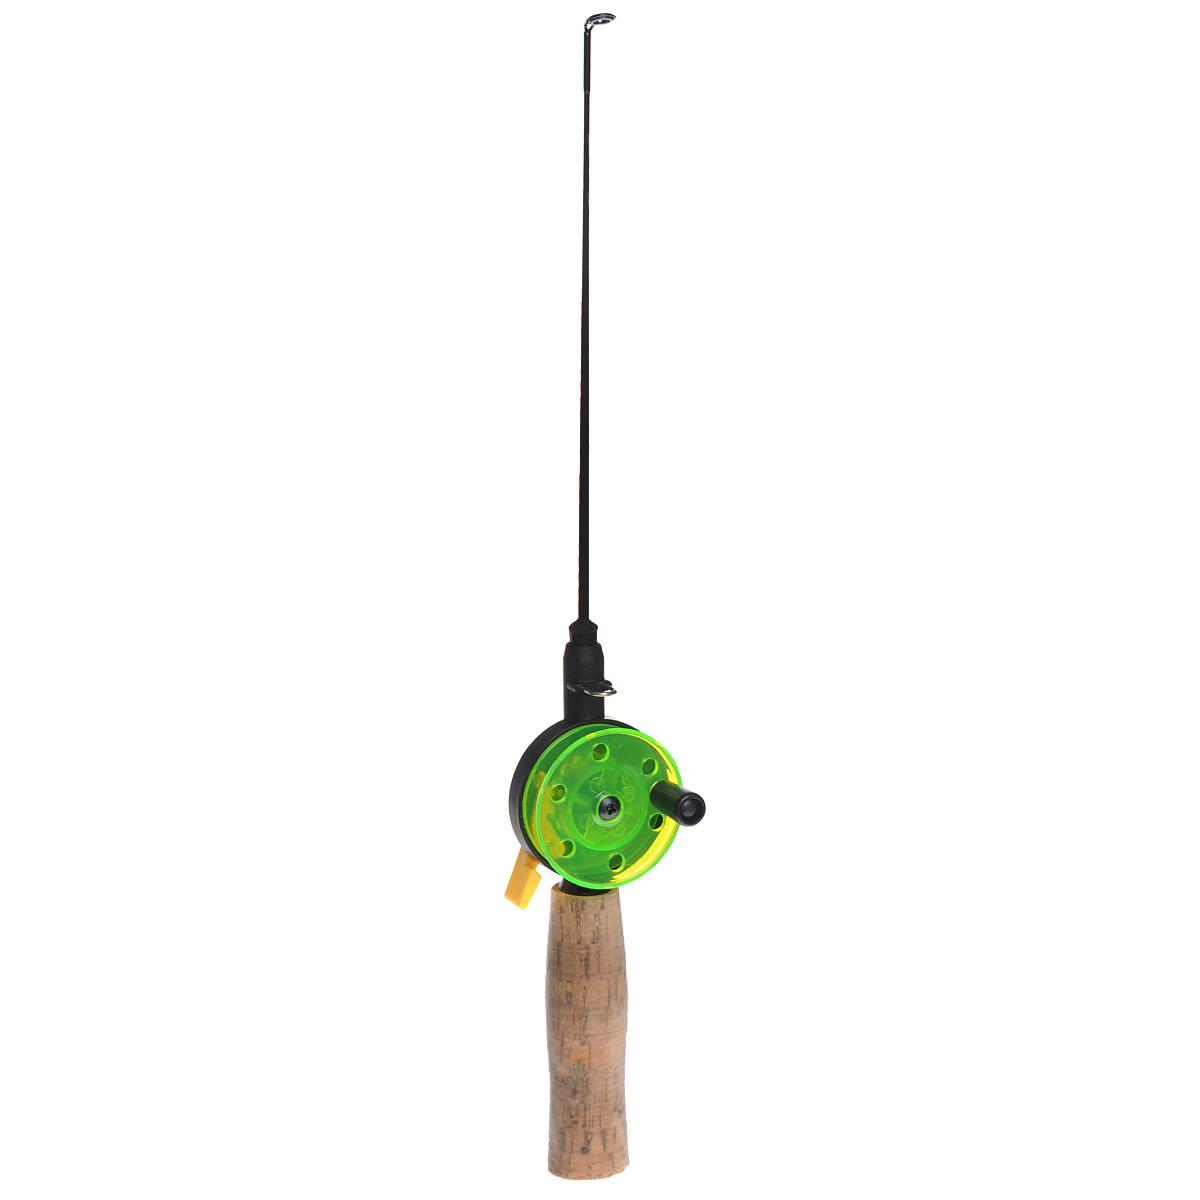 Удочка зимняя SWD HR106A, цвет: черный, зеленый, 37 см